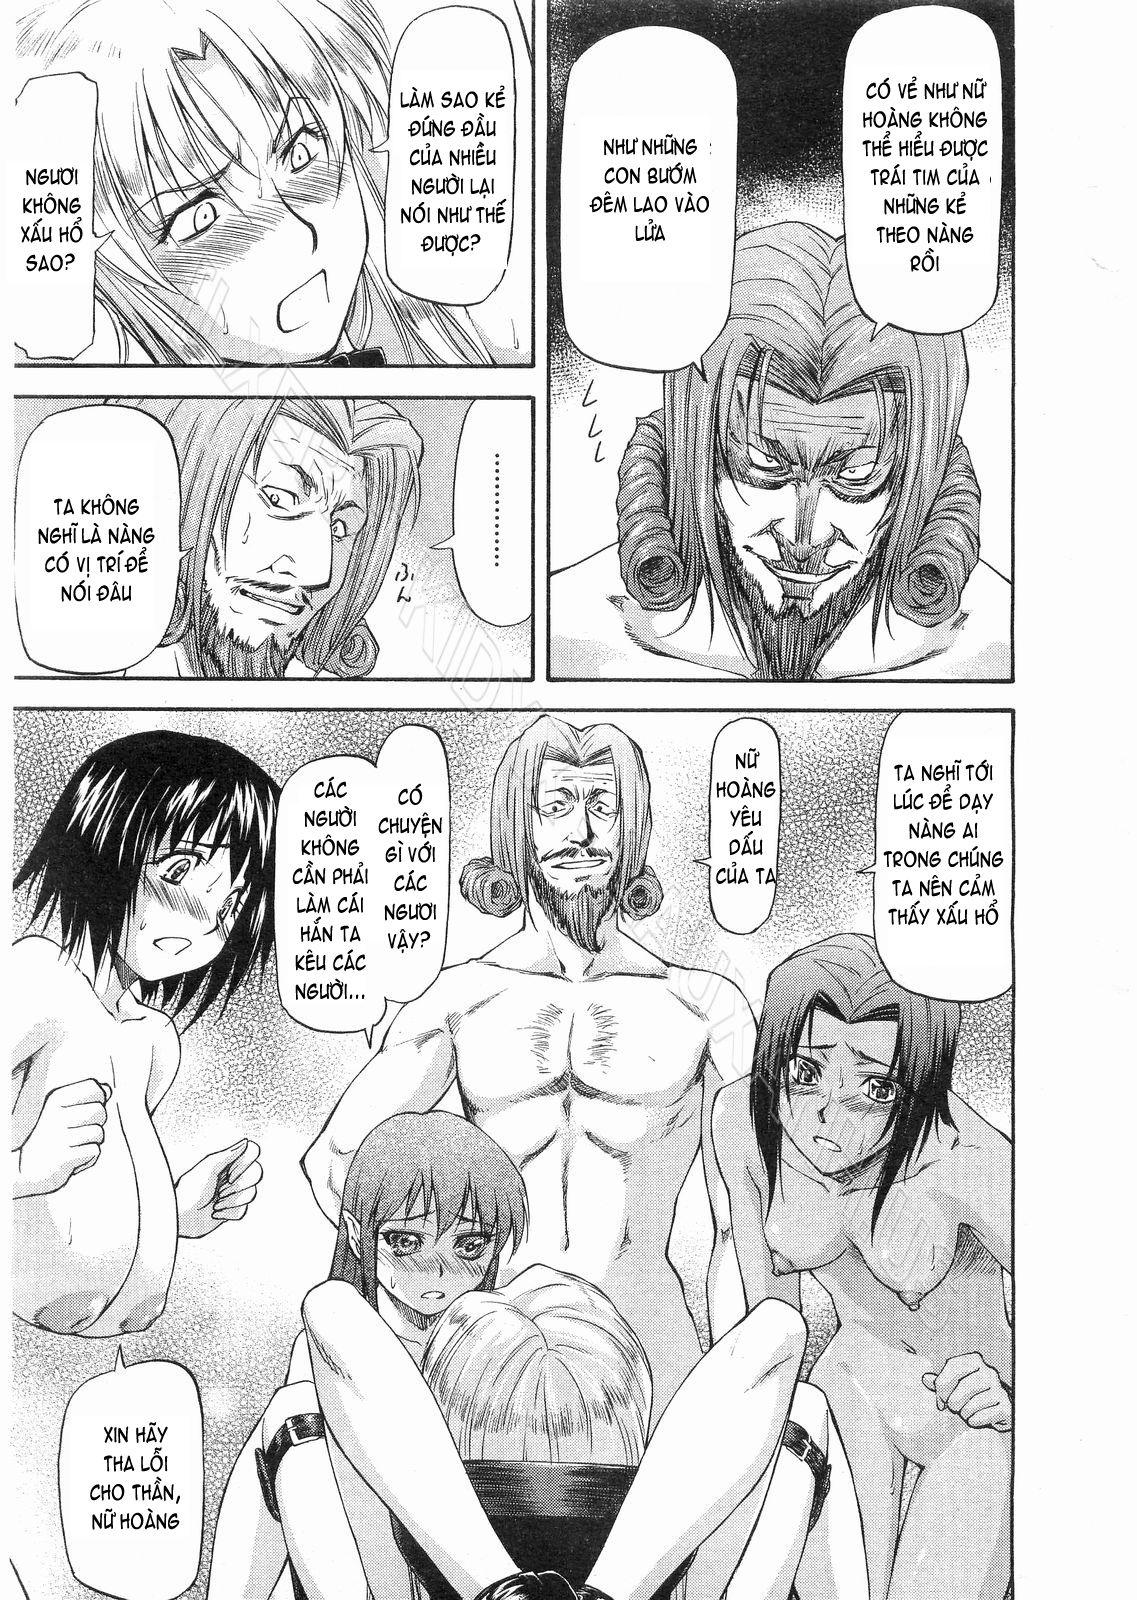 Hình ảnh Hinh_002 trong bài viết Truyện tranh hentai không che: Parabellum